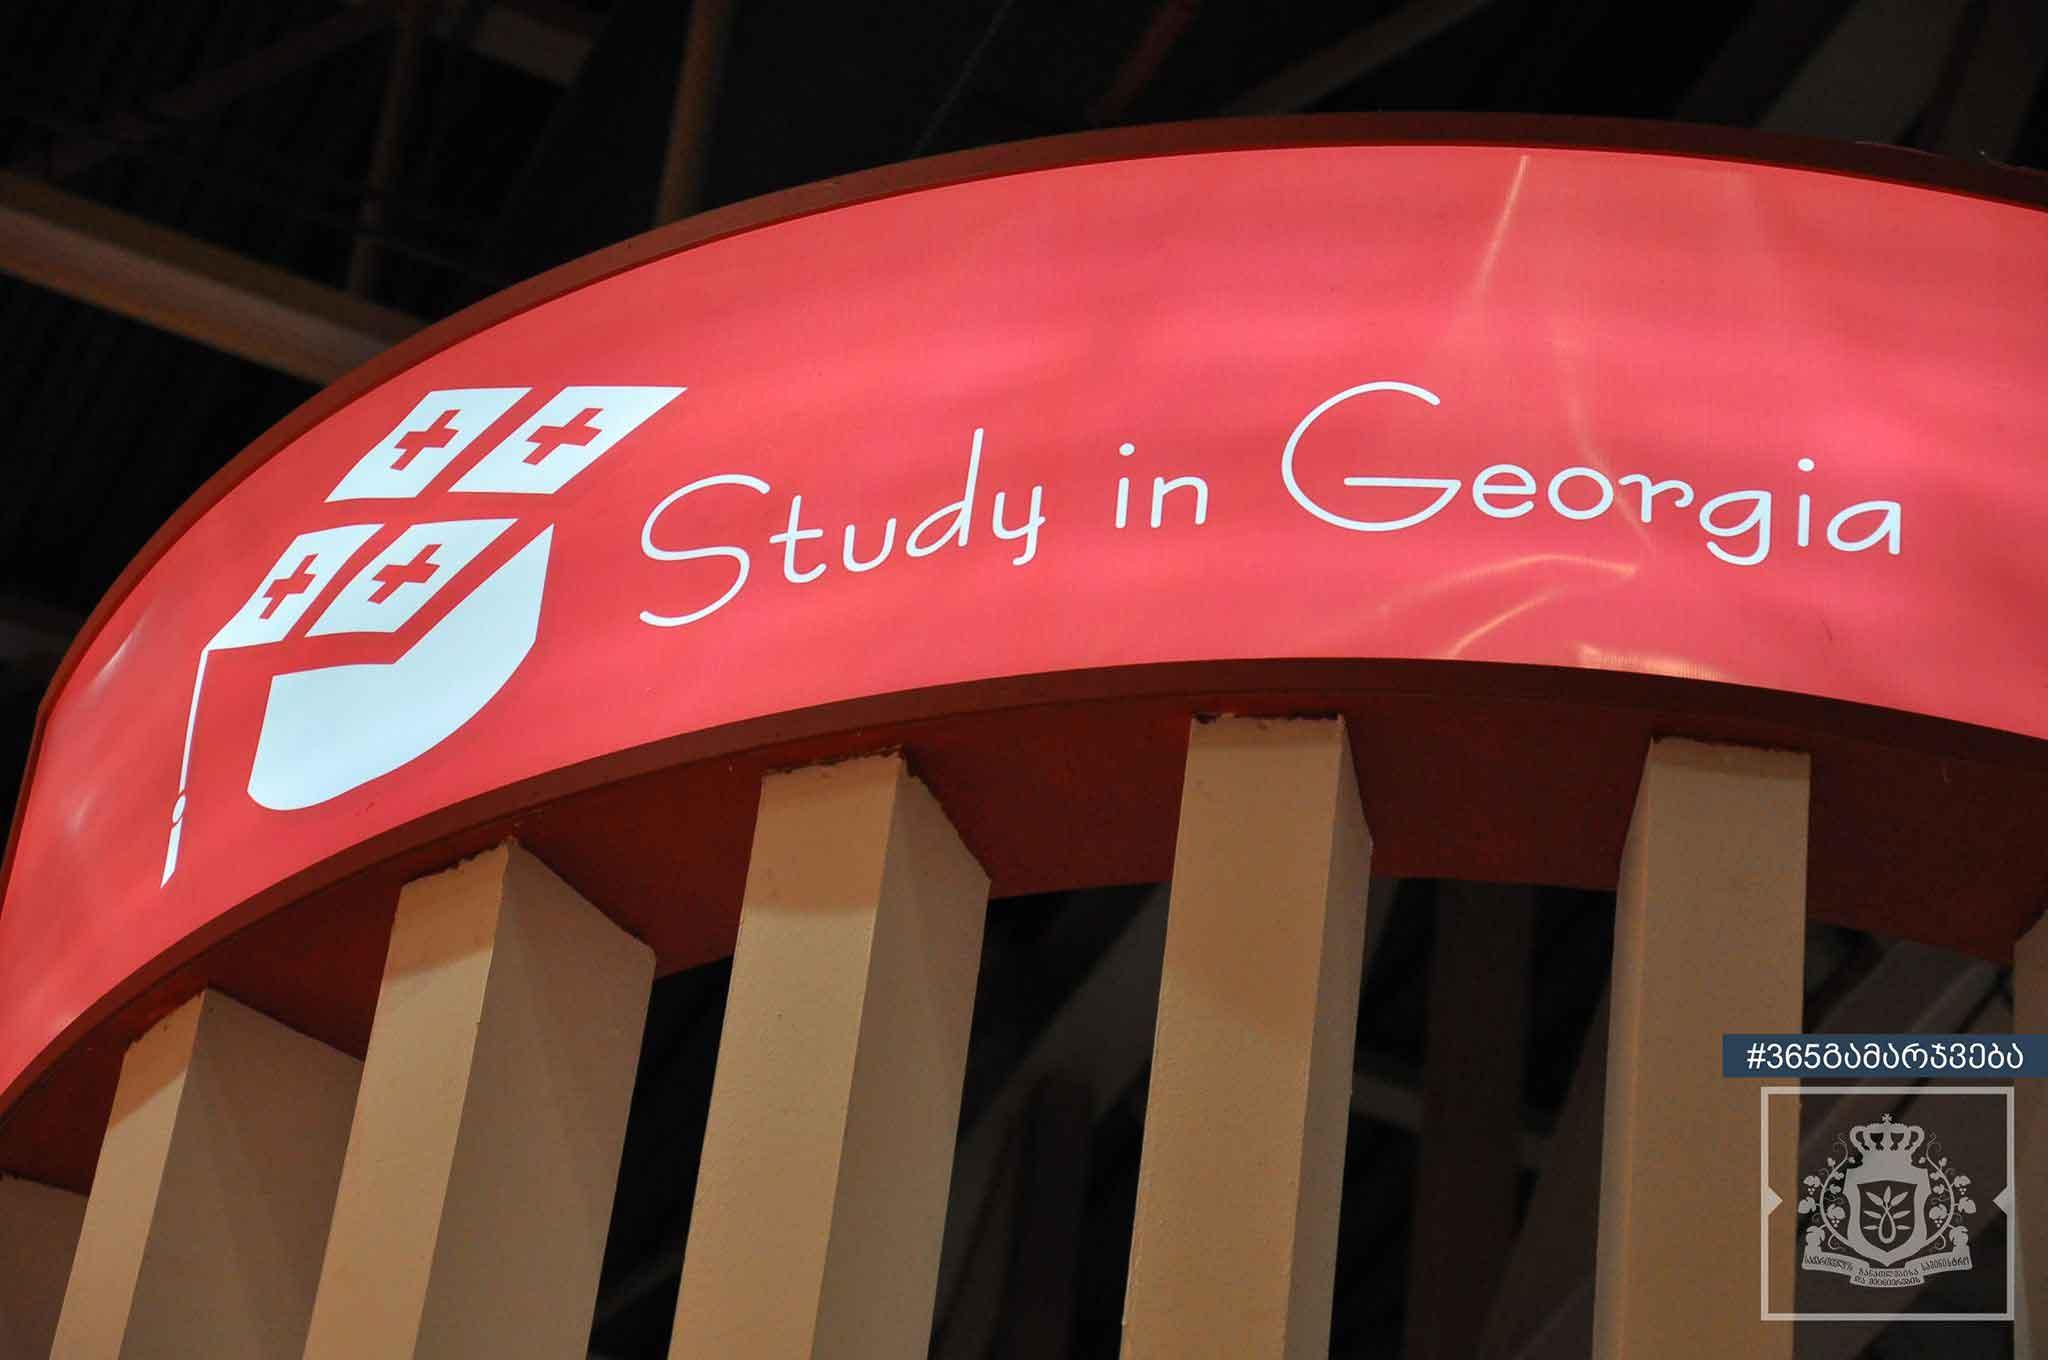 شرایط تحصیل در گرجستان